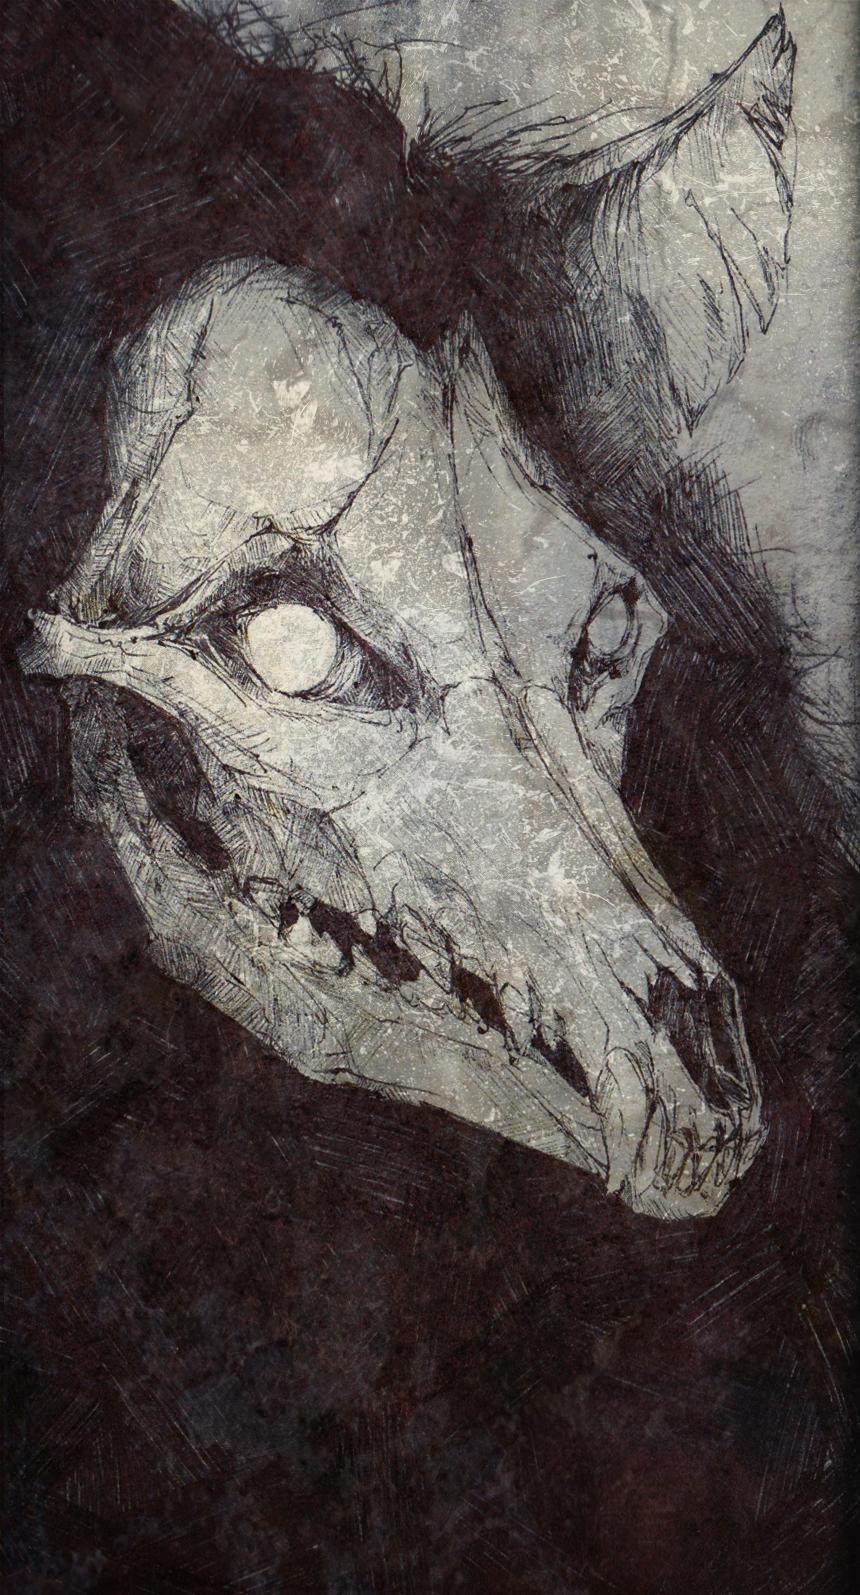 Wolfman by SketchbookNoir